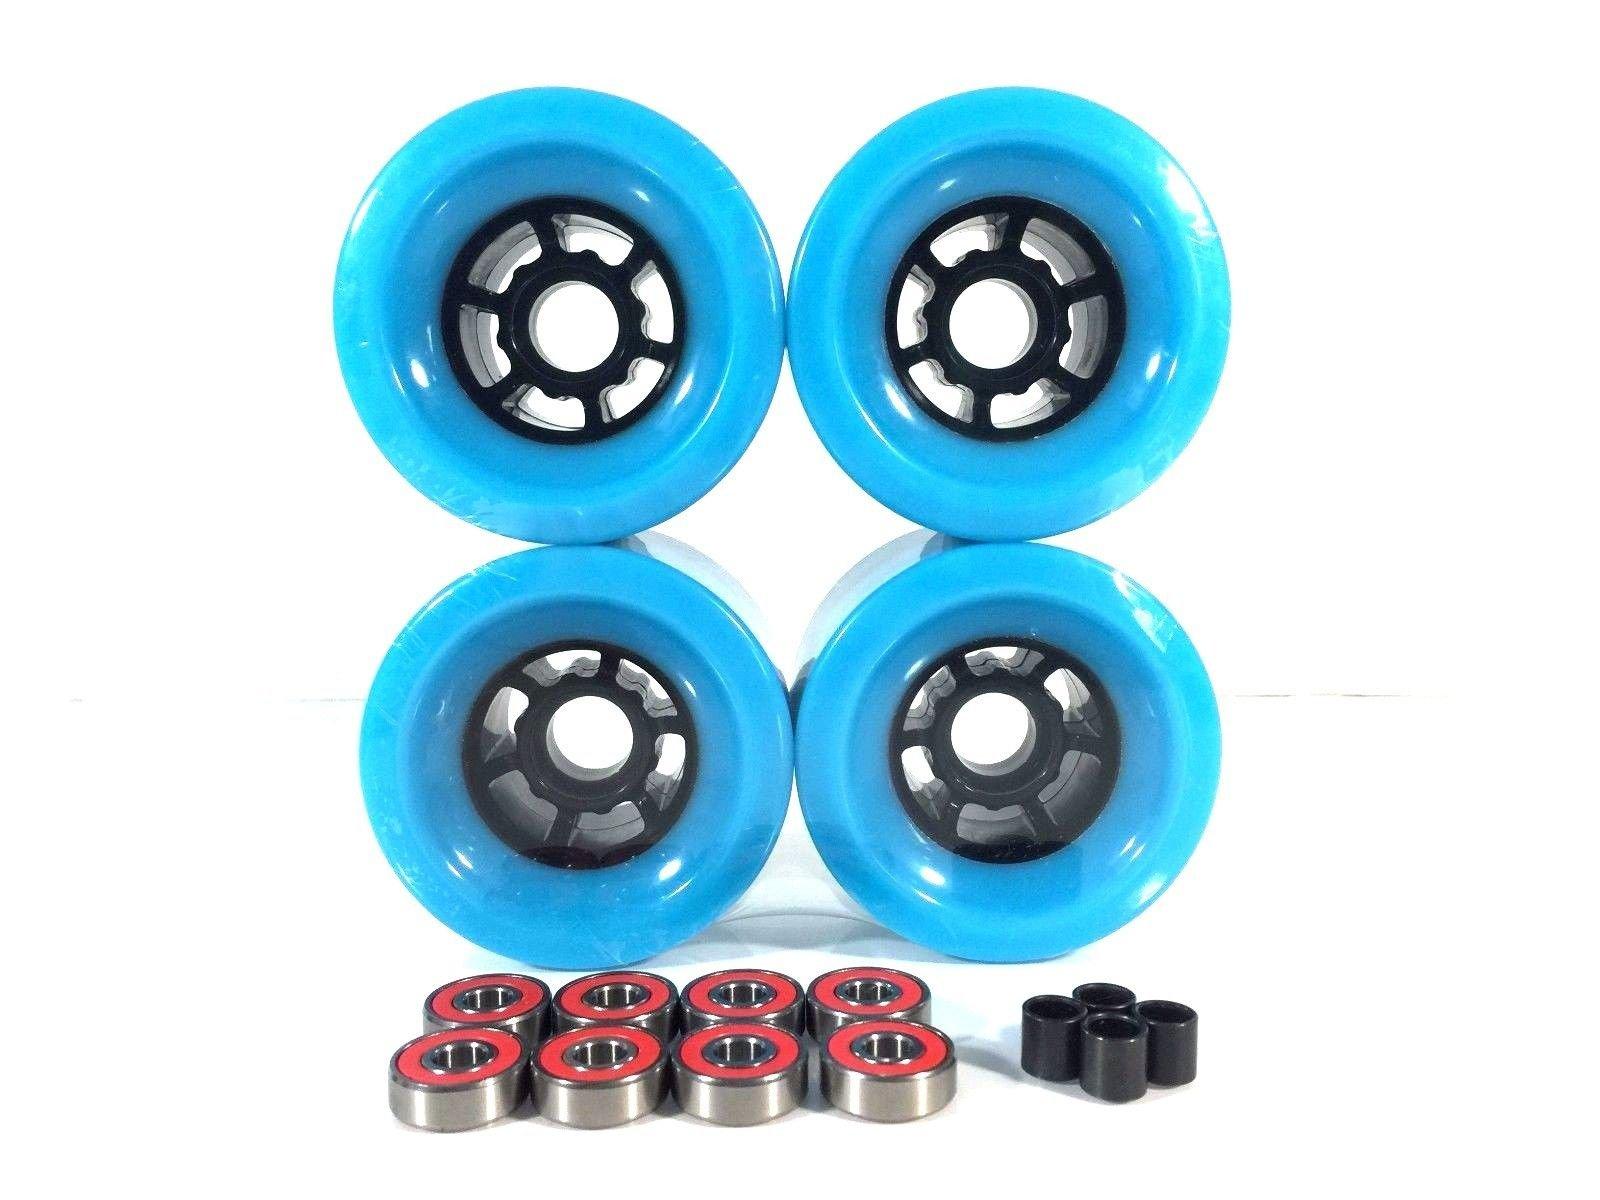 90mm Longboard Flywheels Wheels + ABEC 7 Bearings Spacers (Baby Blue) by Blank